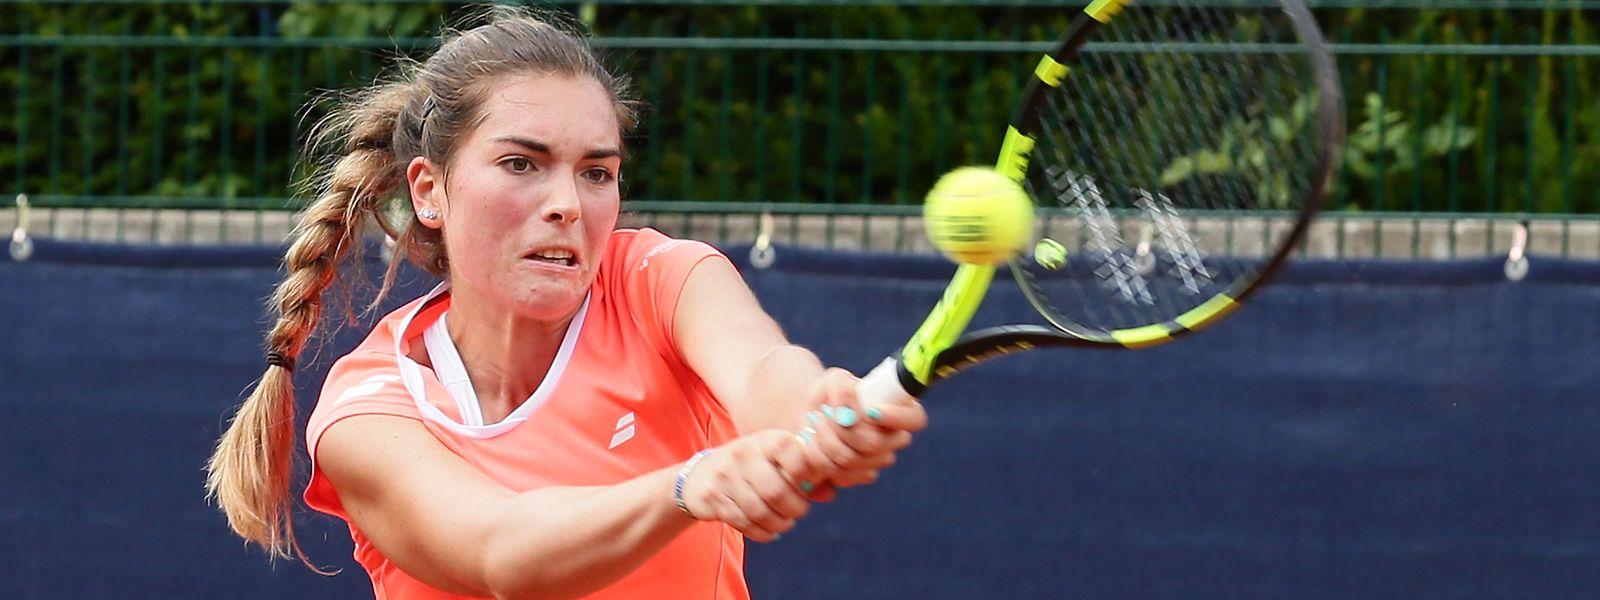 Eléonora Molinaro darf wieder Tennis spielen, aber nicht unter Wettkampfbedingungen.